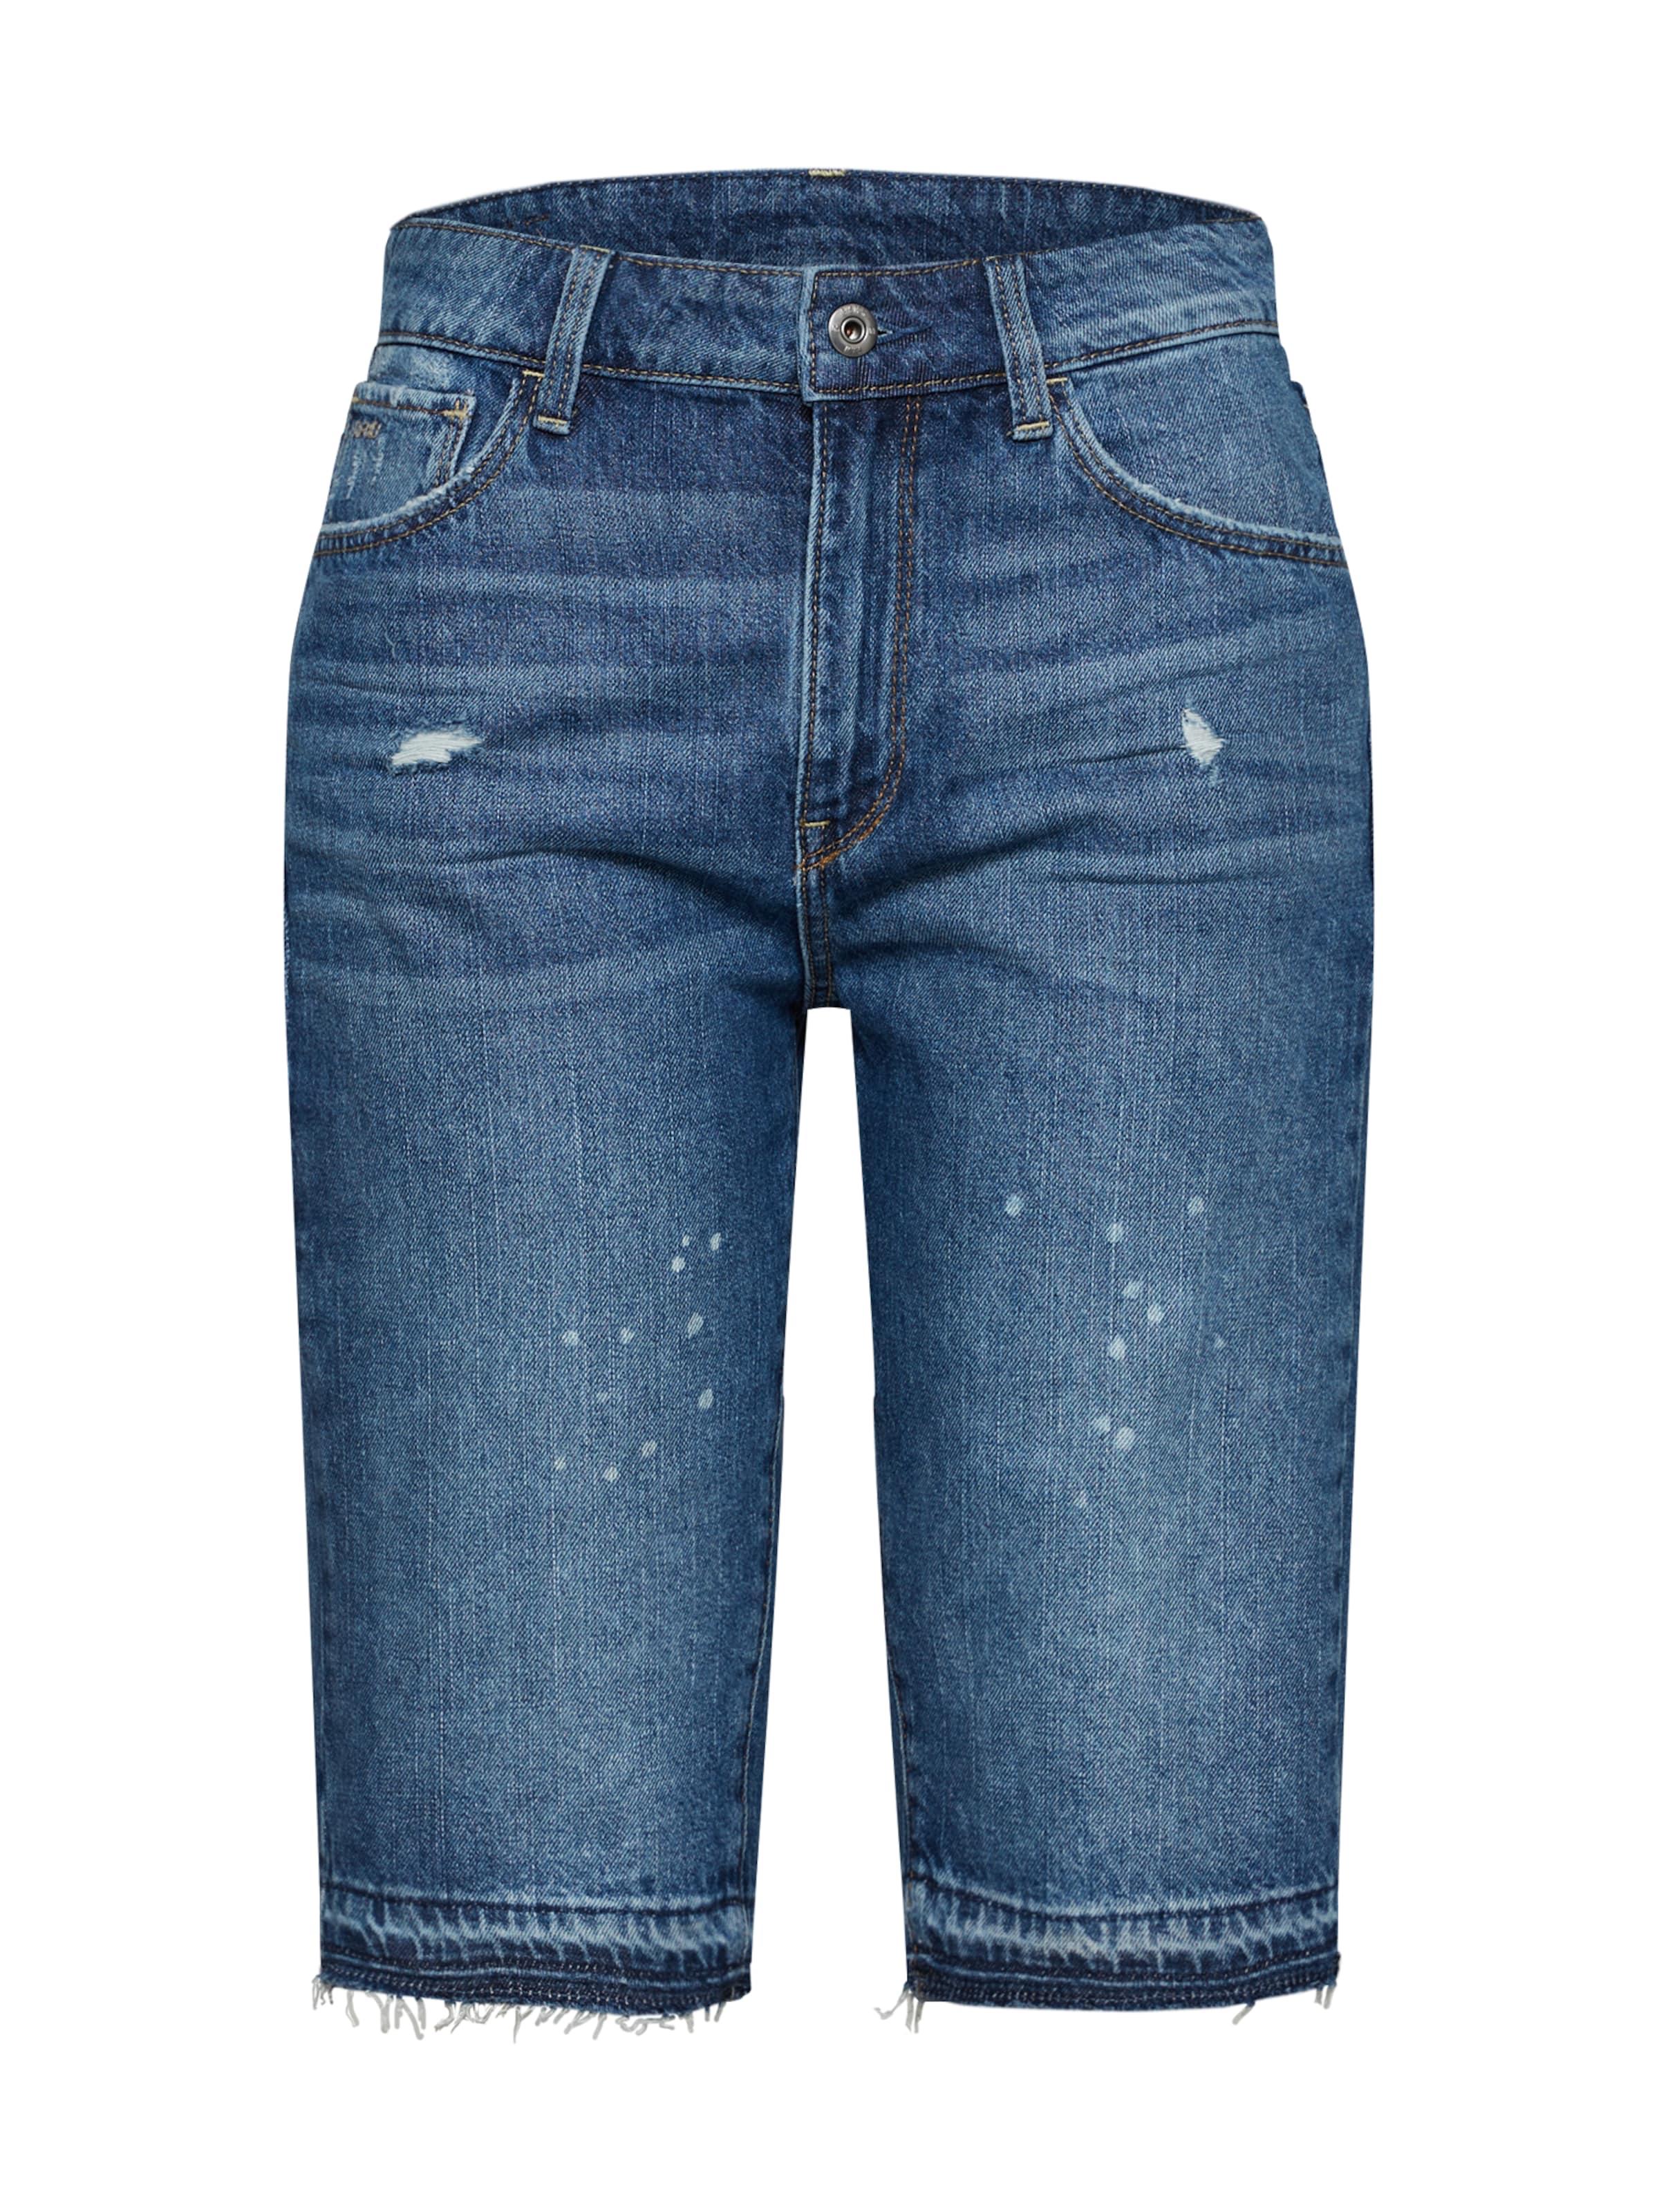 Shorts Denim star In Blue G Raw YH9IDWE2